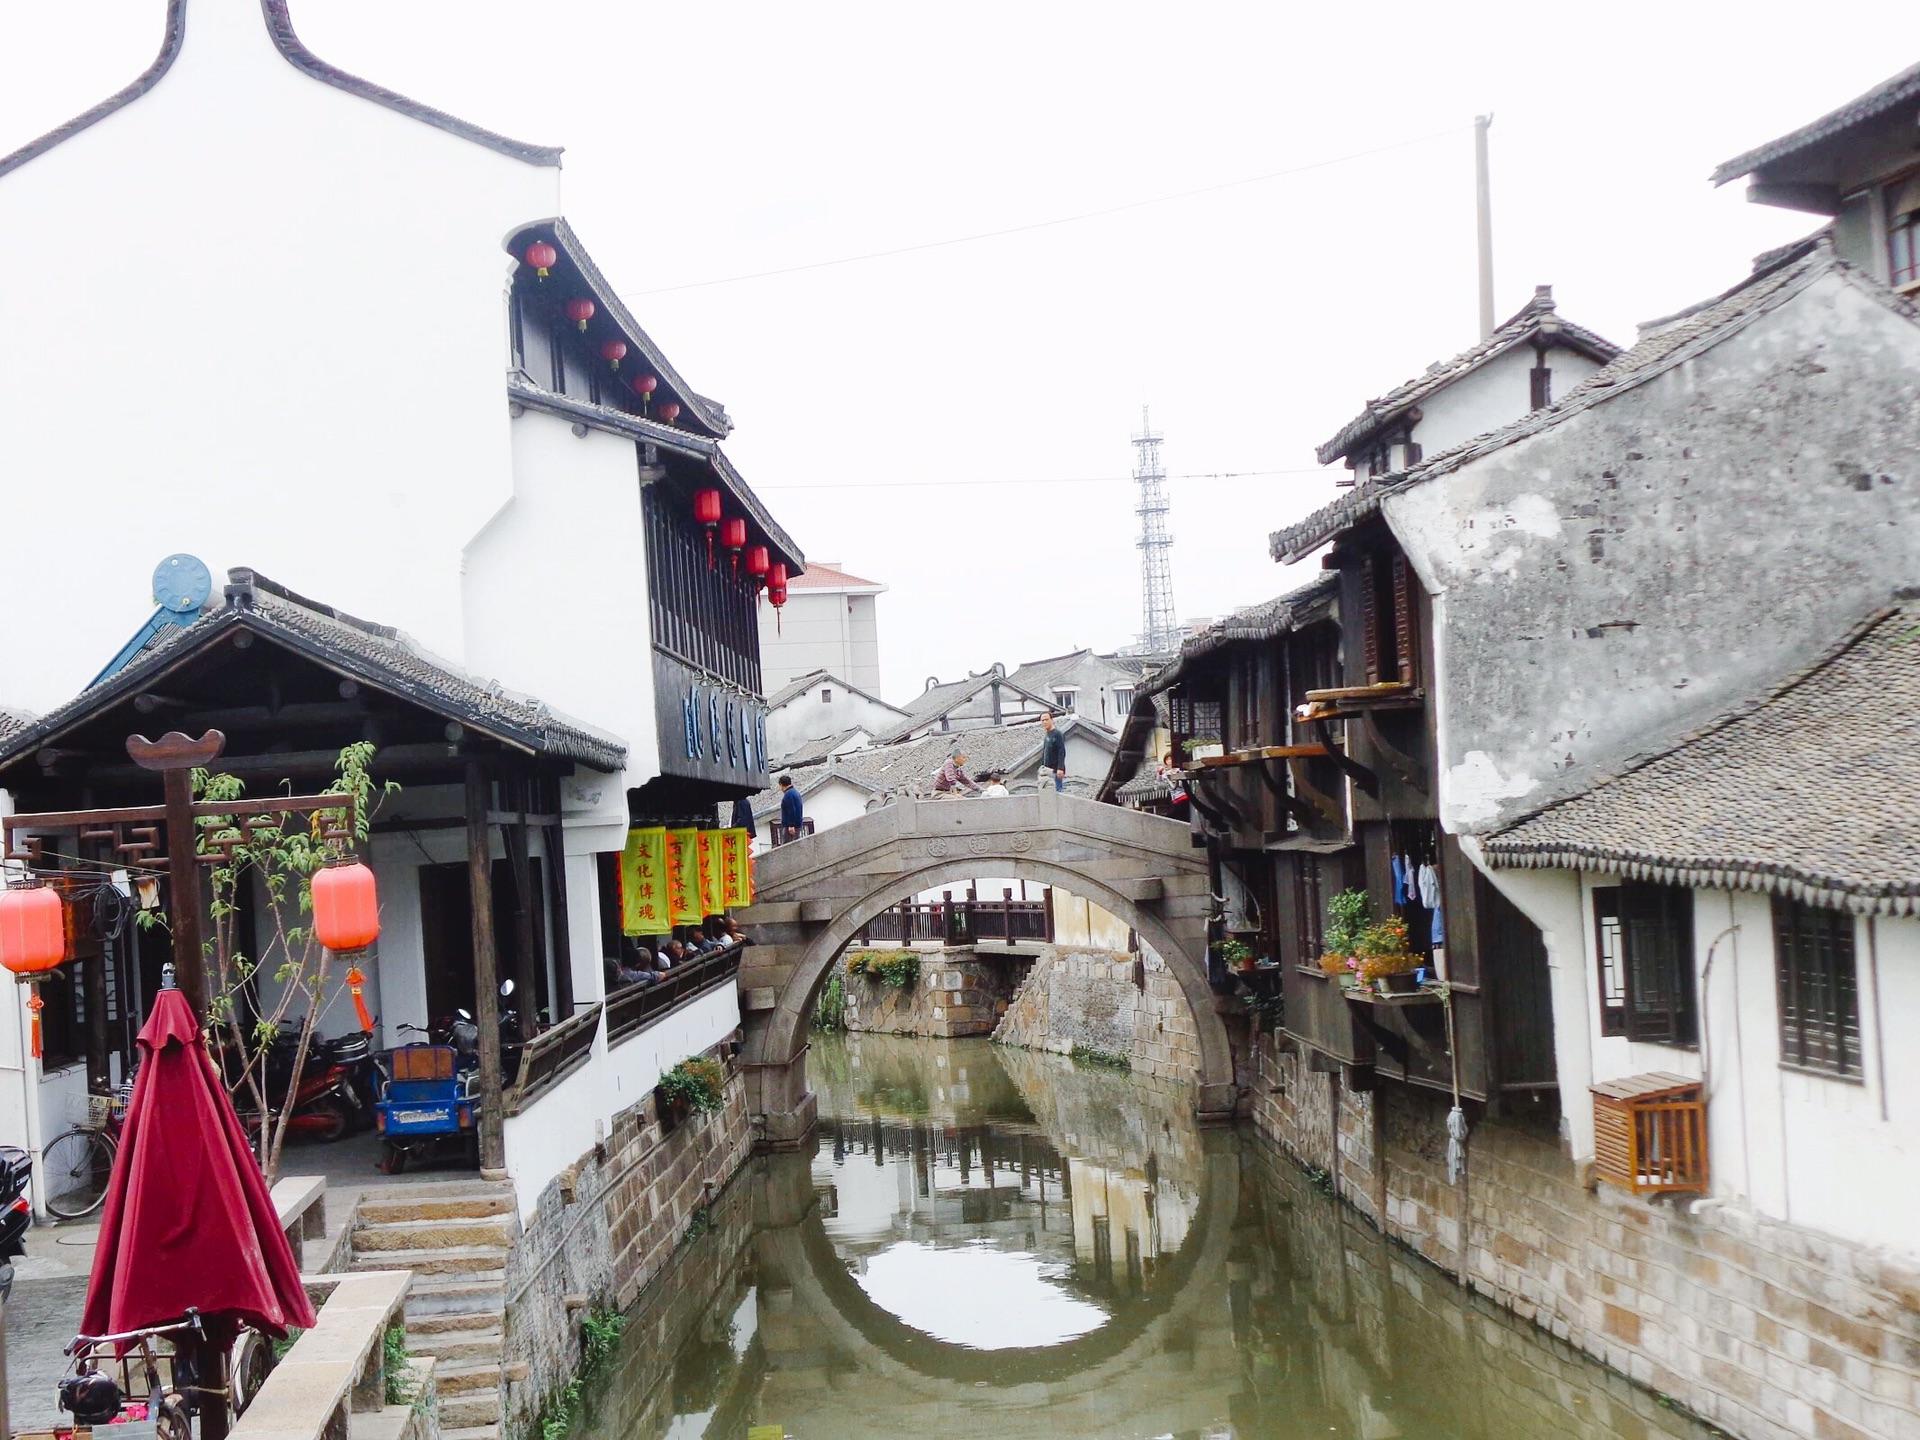 上海不为人知的江南古镇《色戒》取景地